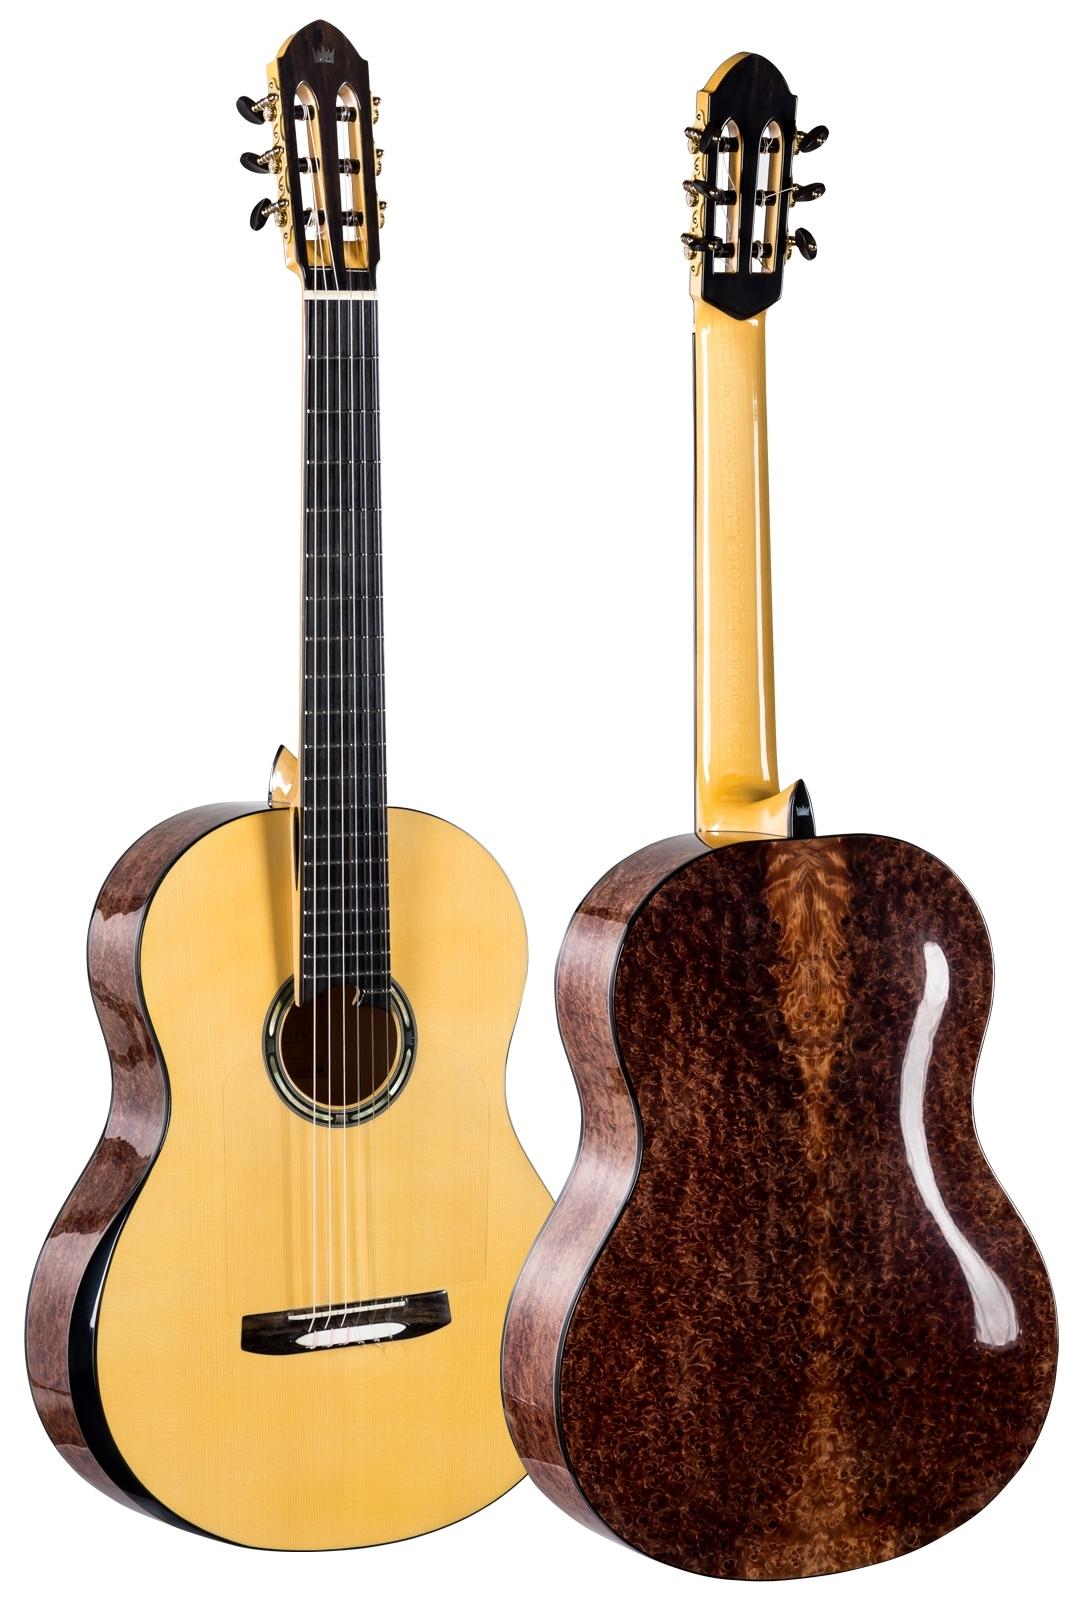 Gitary flamenco